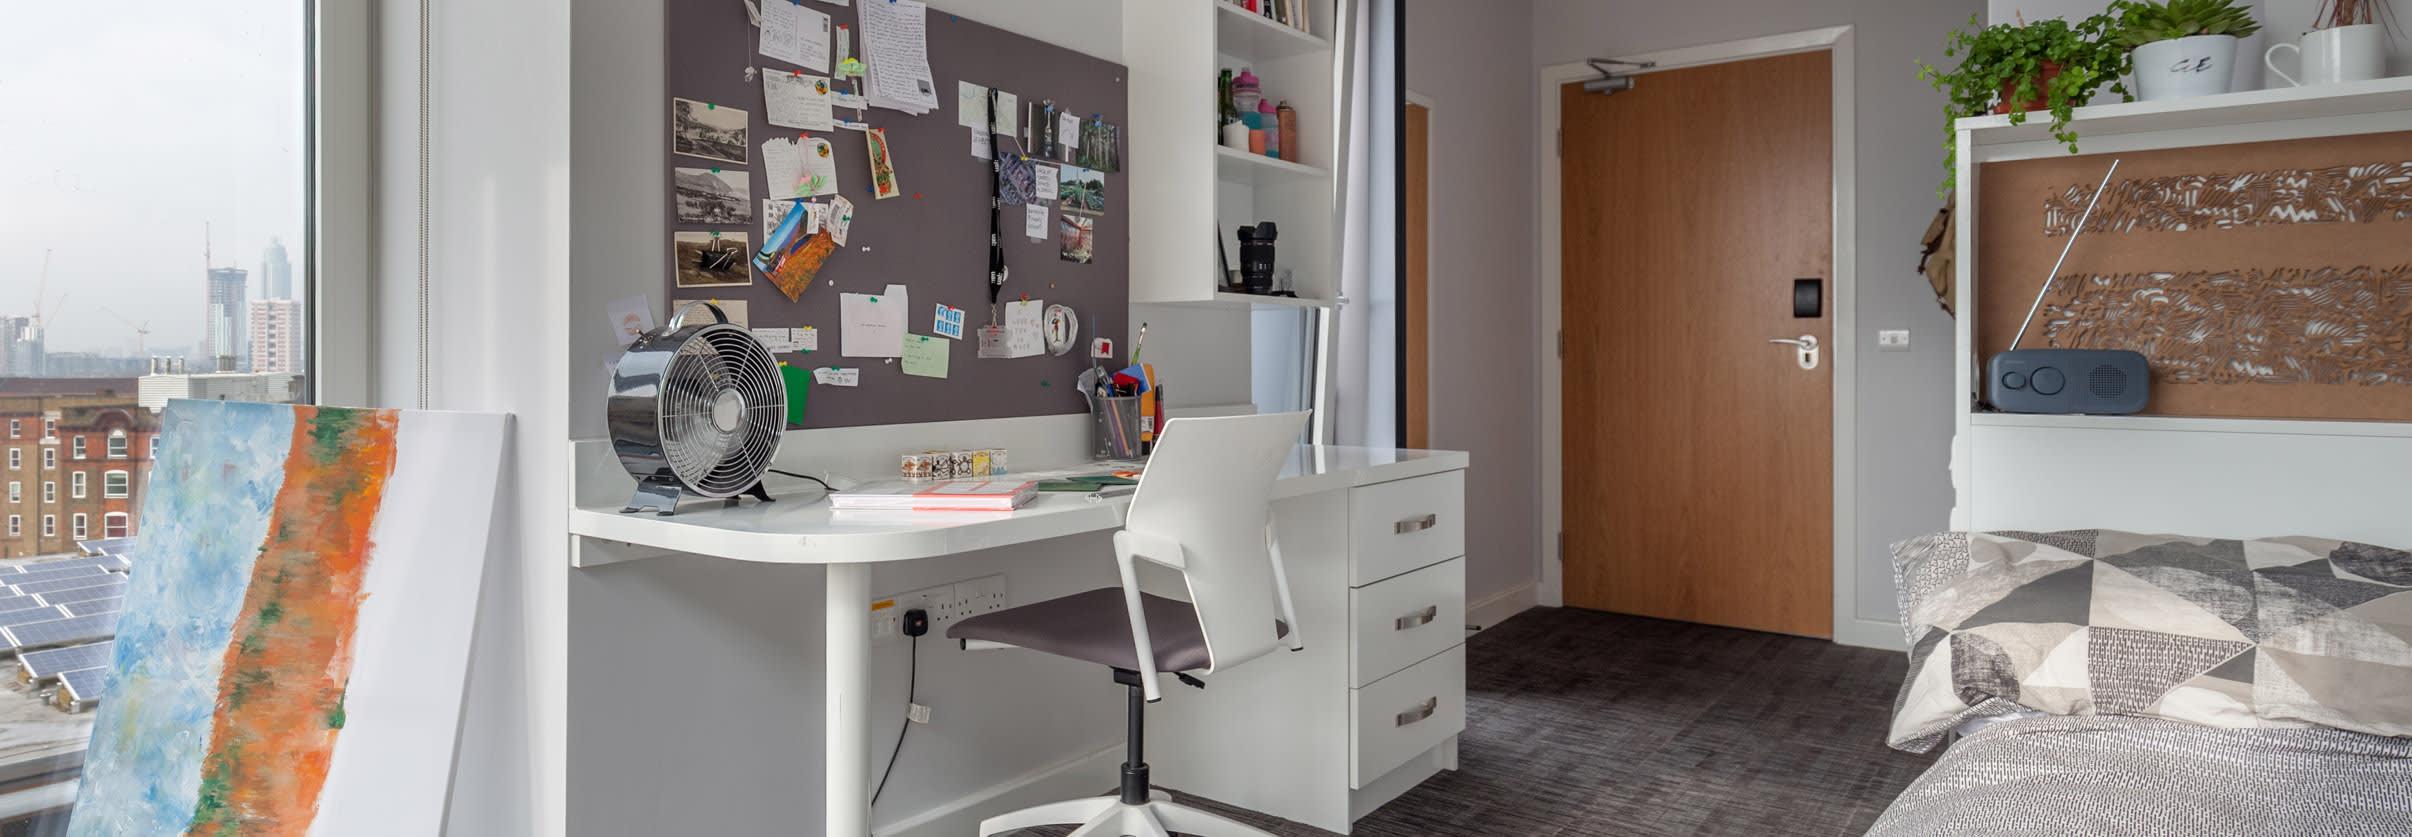 Glassyard-Premium-Ensuite-Room.jpg